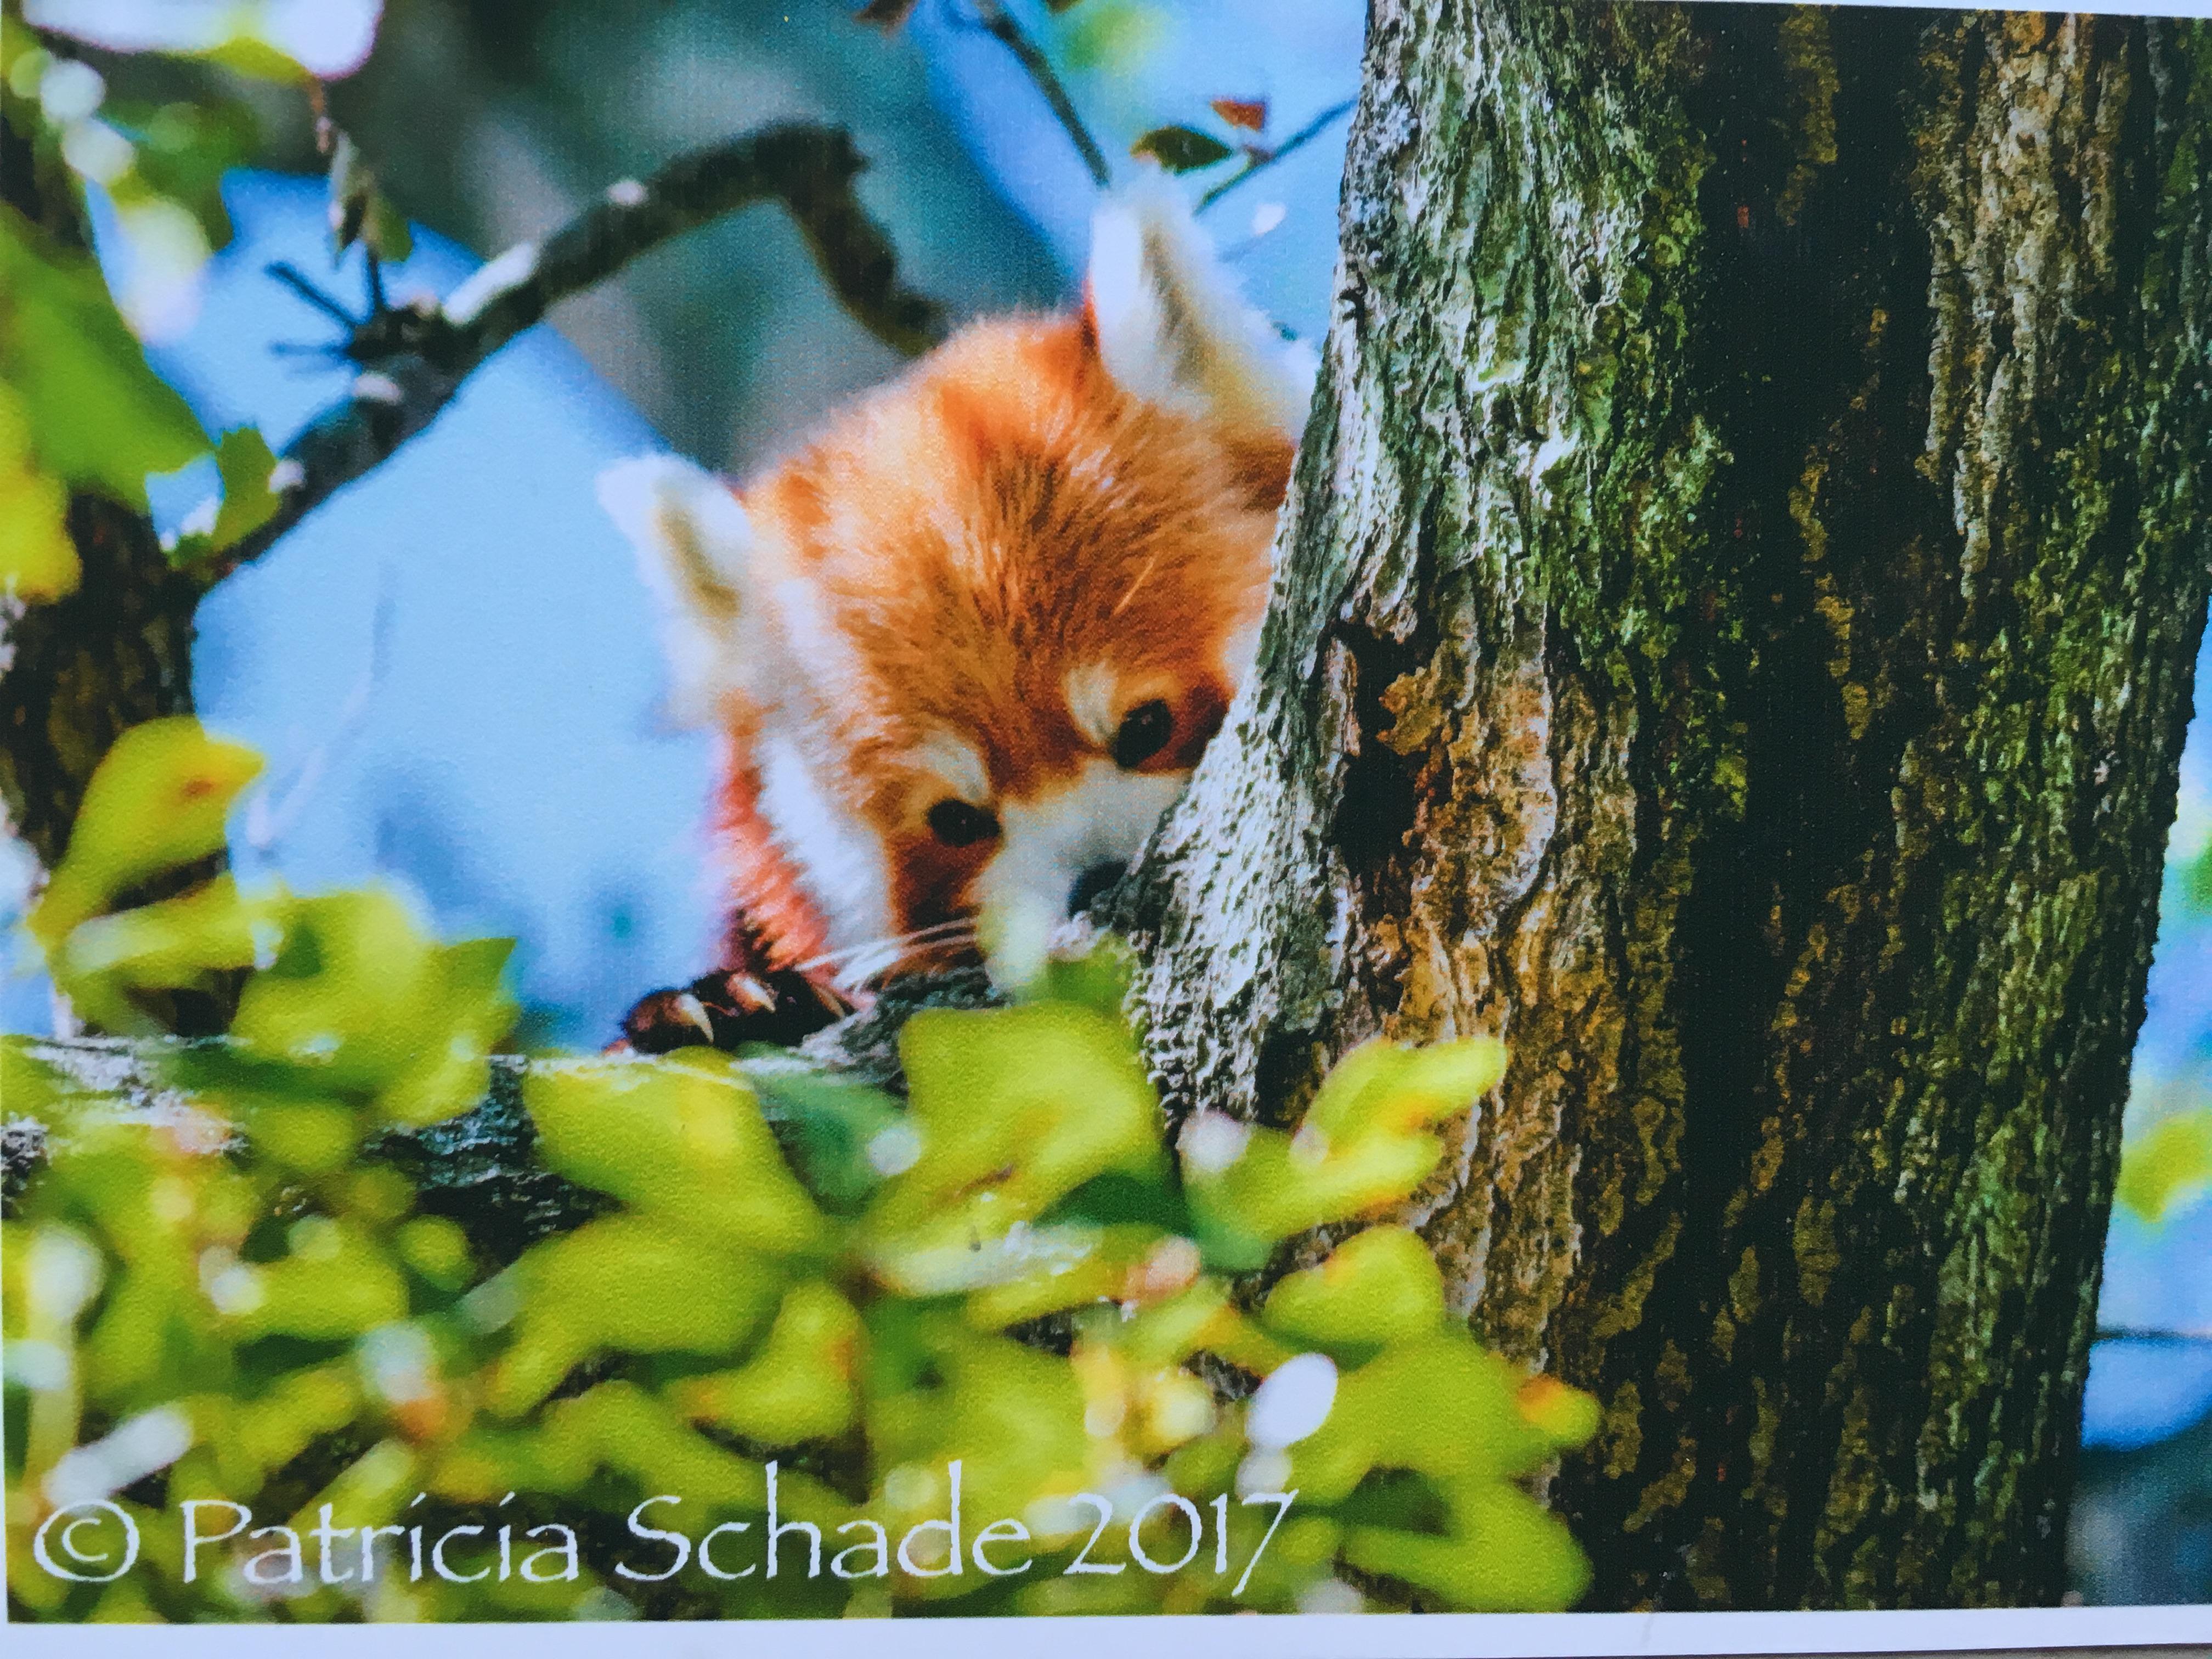 Patricia Shade_red panda